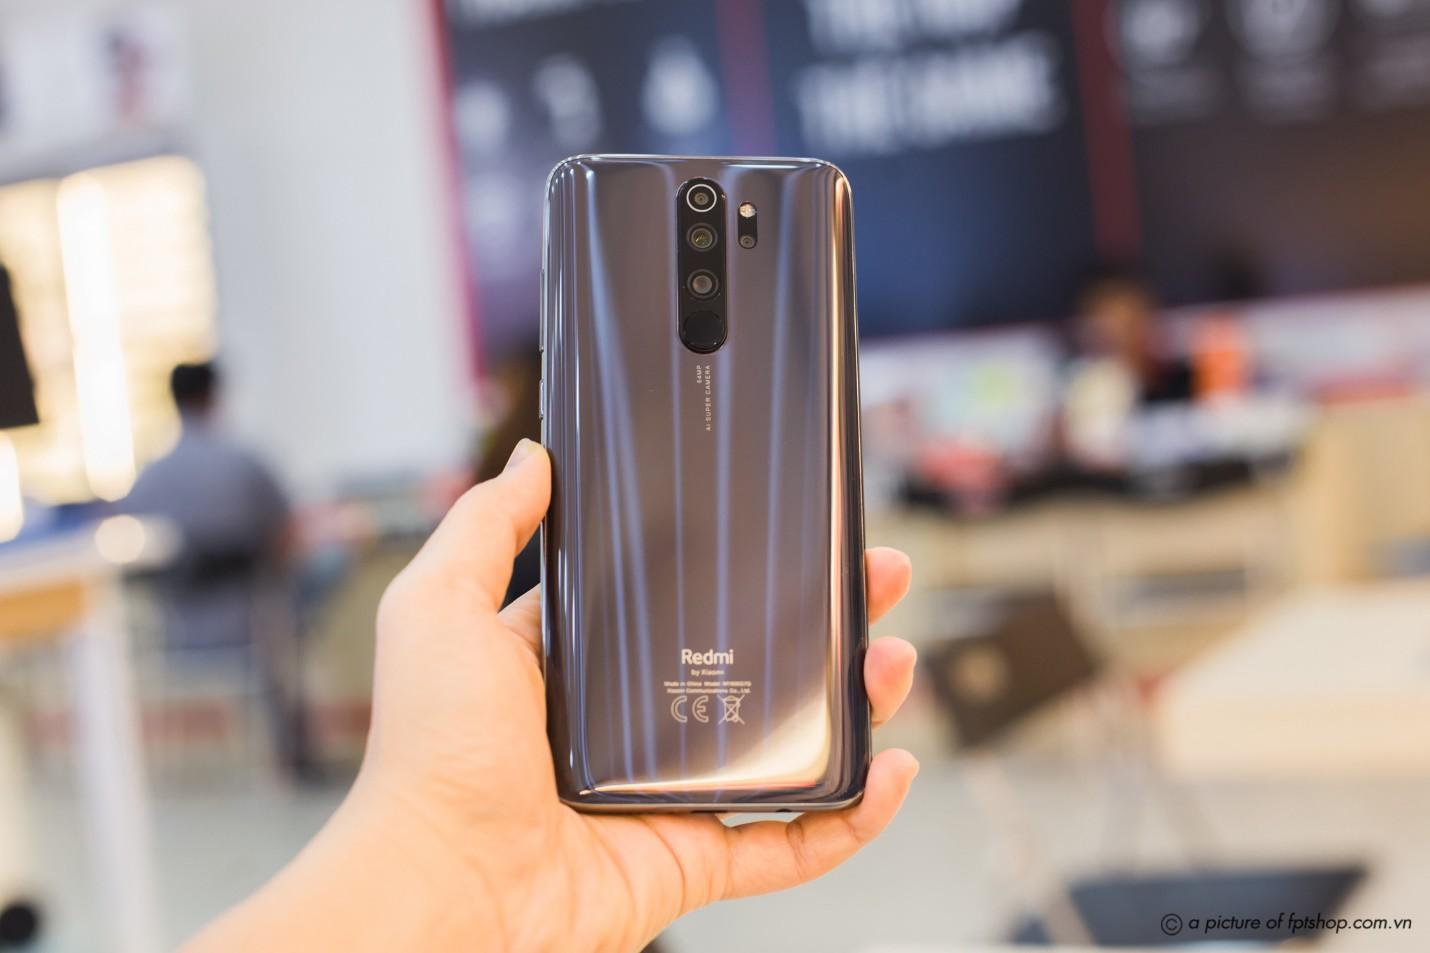 Xiaomi Redmi Note 8 và Note 8 Pro chính thức lên kệ FPT Shop với giá từ 4,79 triệu - Ảnh 1.